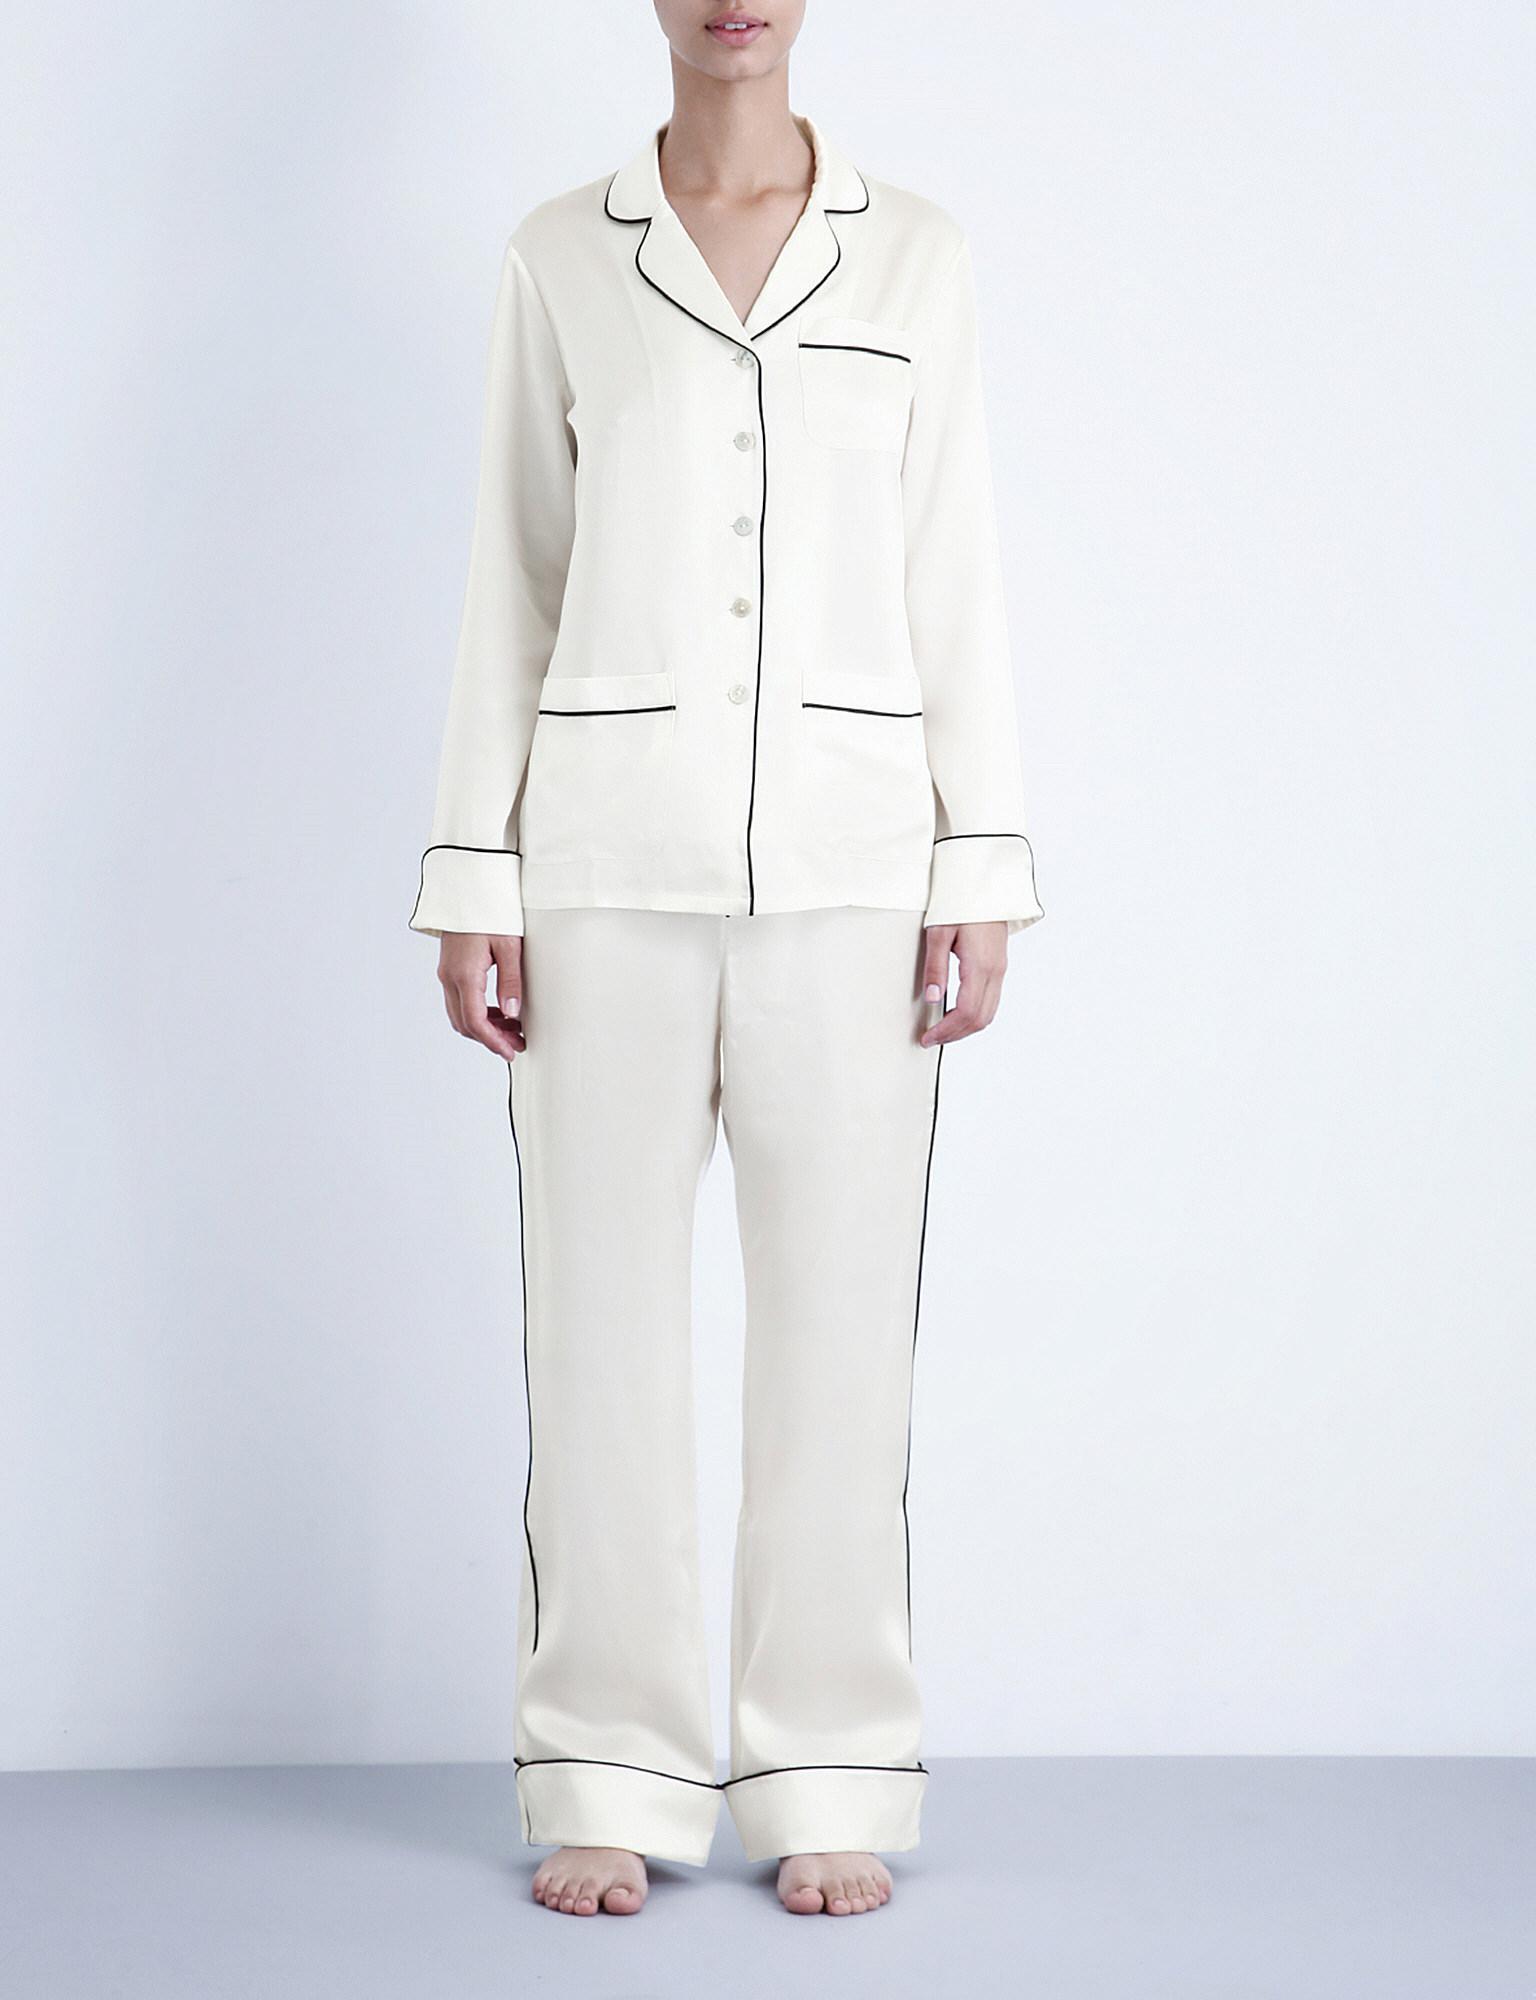 Olivia Von Halle Coco Silk-satin Pyjama Set in White - Lyst 2f184daaf